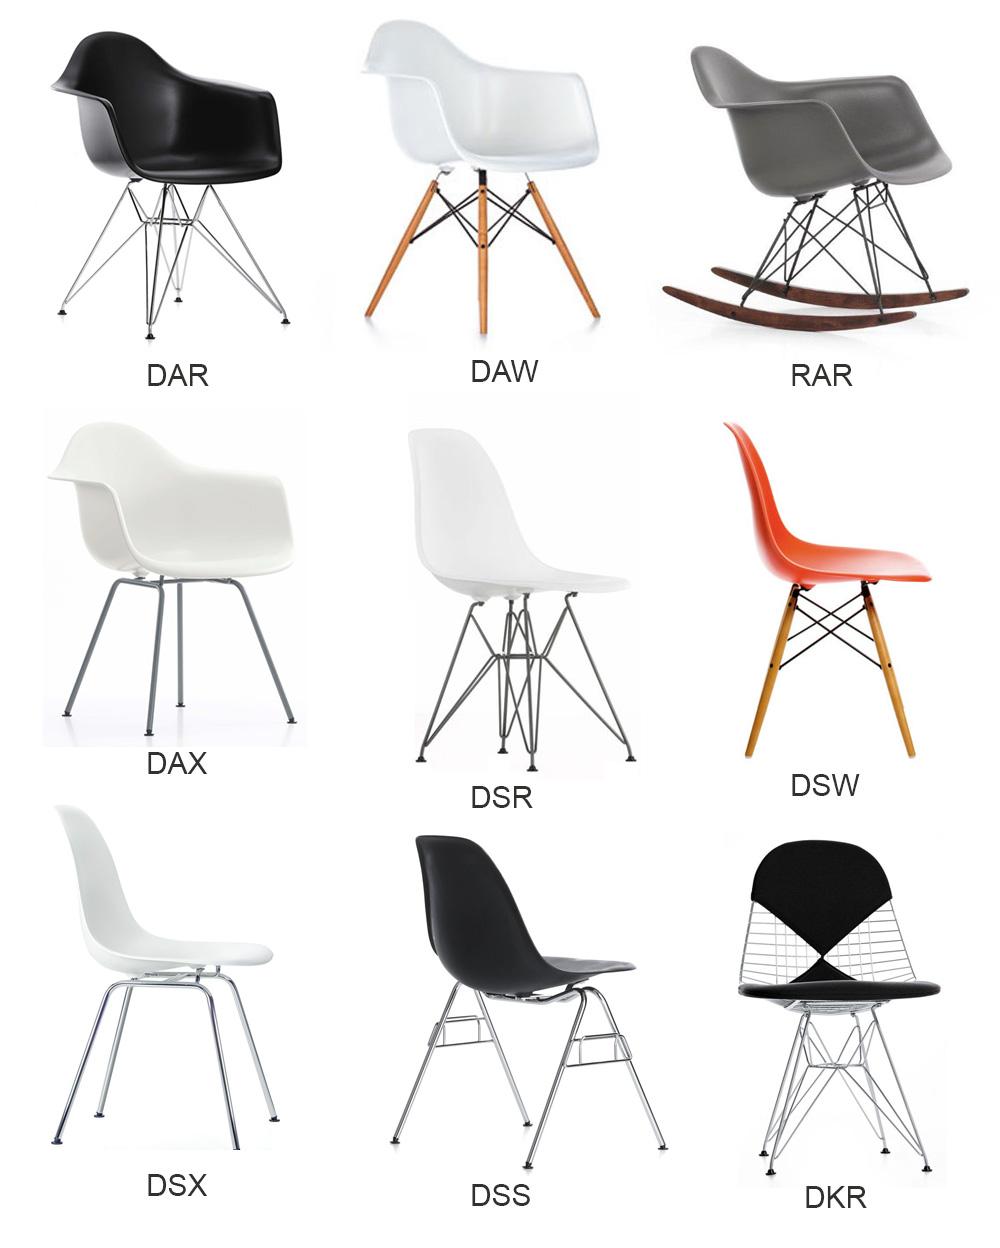 Les diff rents mod les de chaises eames for Acheter chaise eames